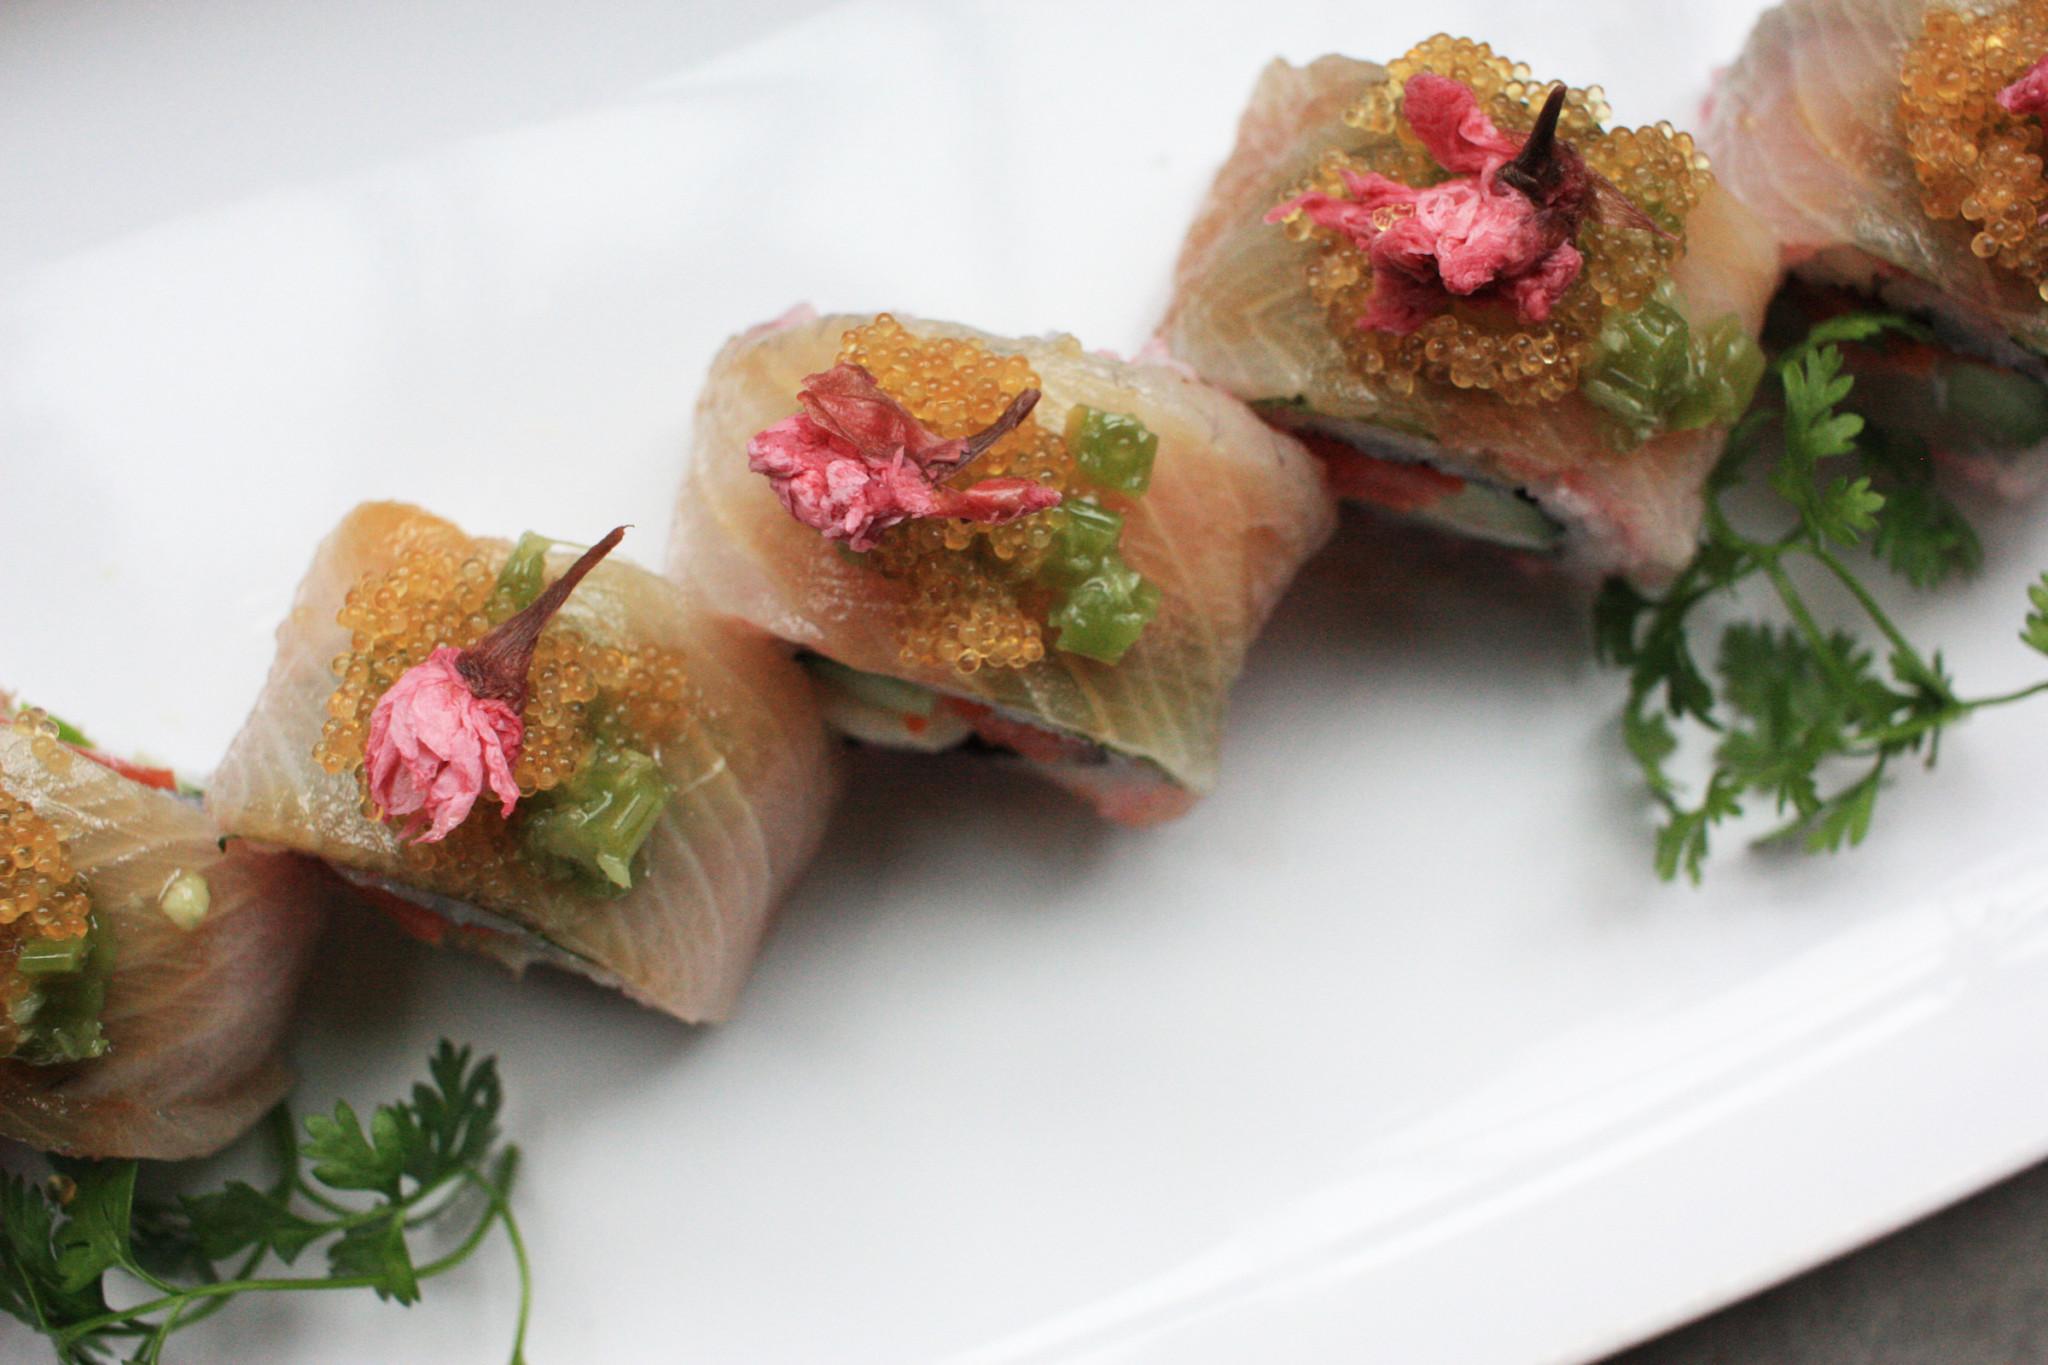 BLOOMING PINK  New sakura-inspired dishes and cocktails at Aburi Restaurants' Miku, Minami, and Gyoza Bar